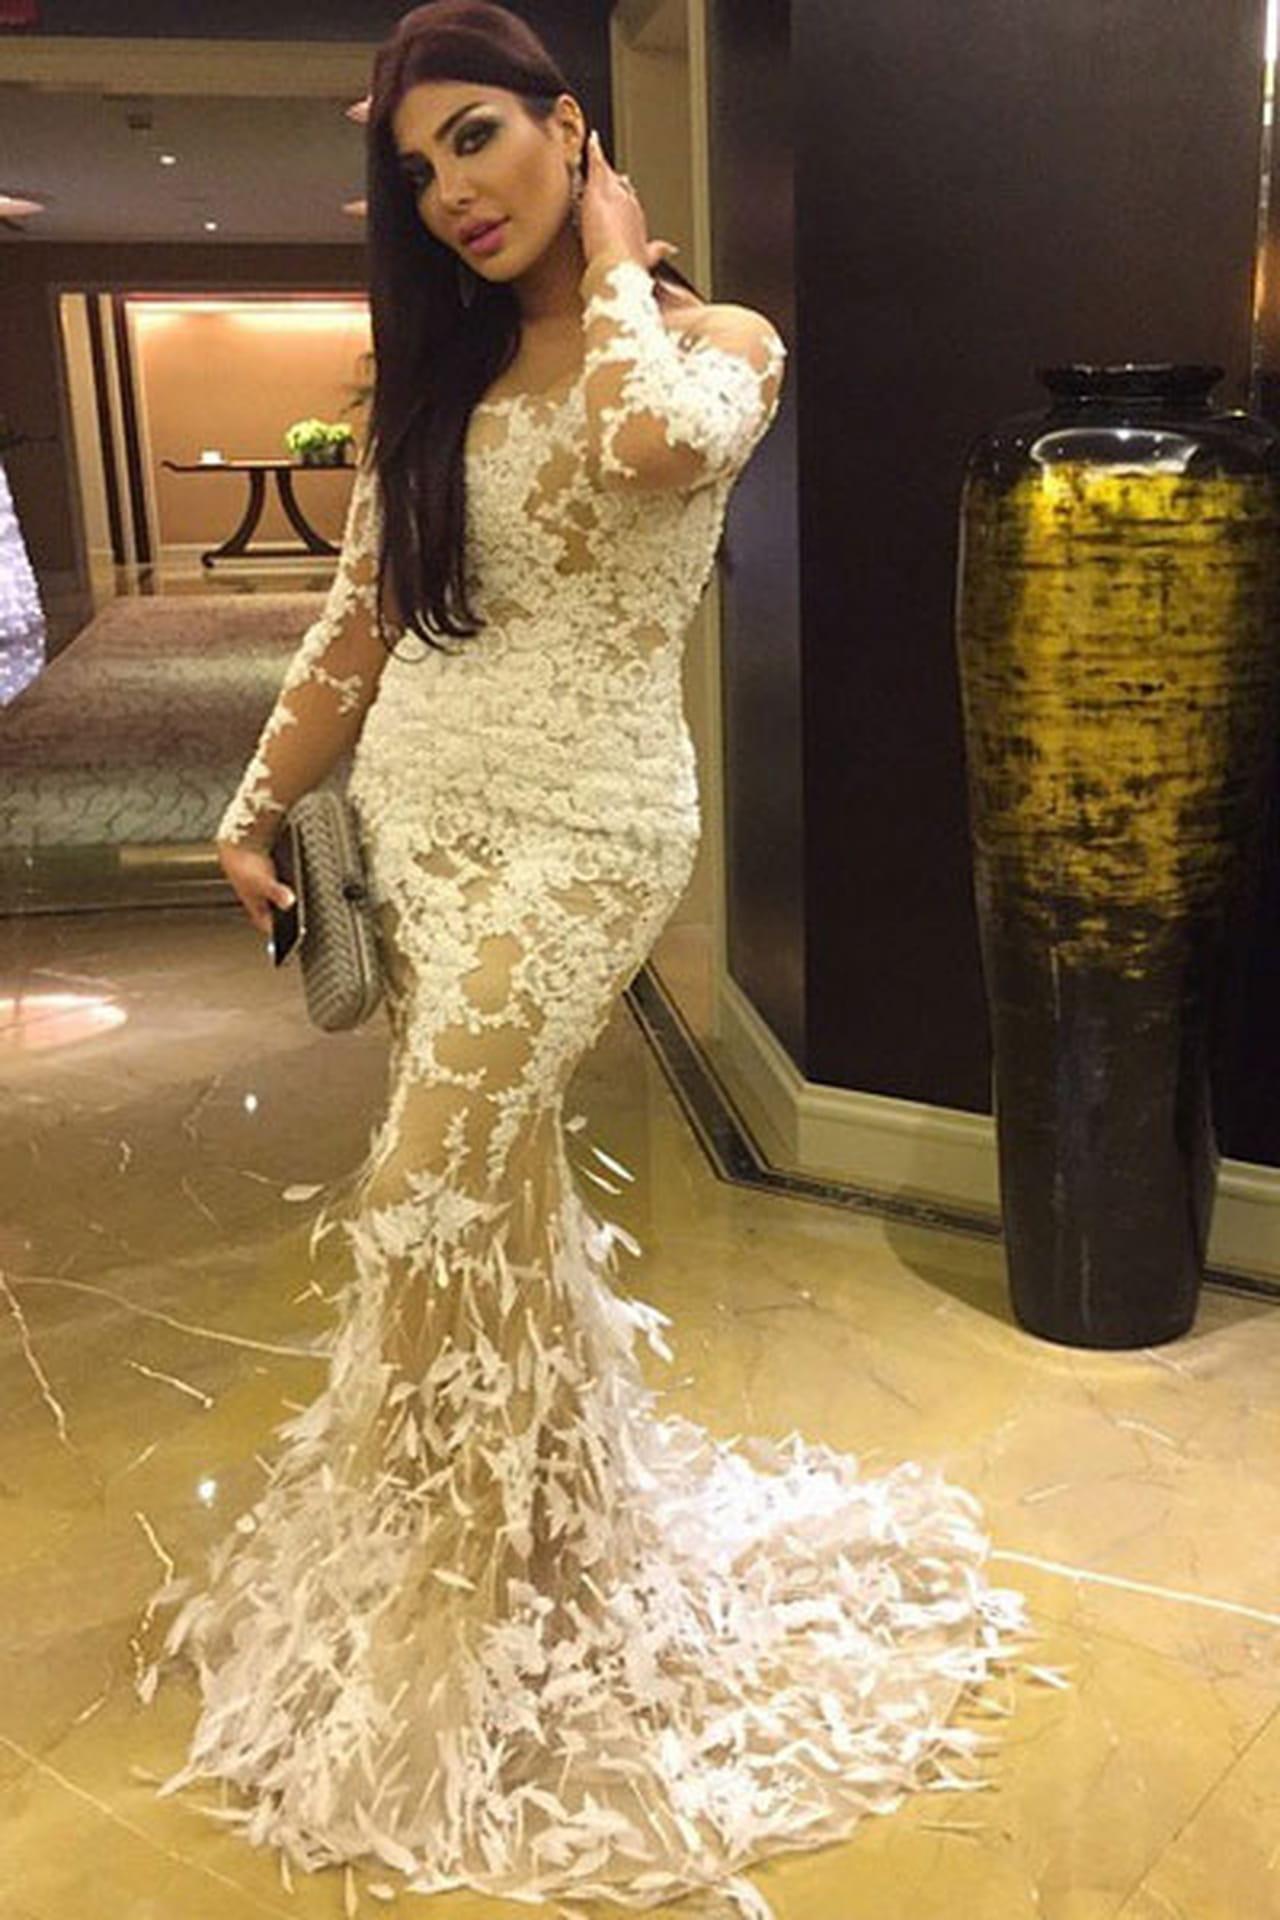 4739f7664 بدت الفنانة الخليجية أمل العوضي فاتنة بفستان أبيض أبرز إنحناءات جسمها من توقيع  يوسف الجسمي.